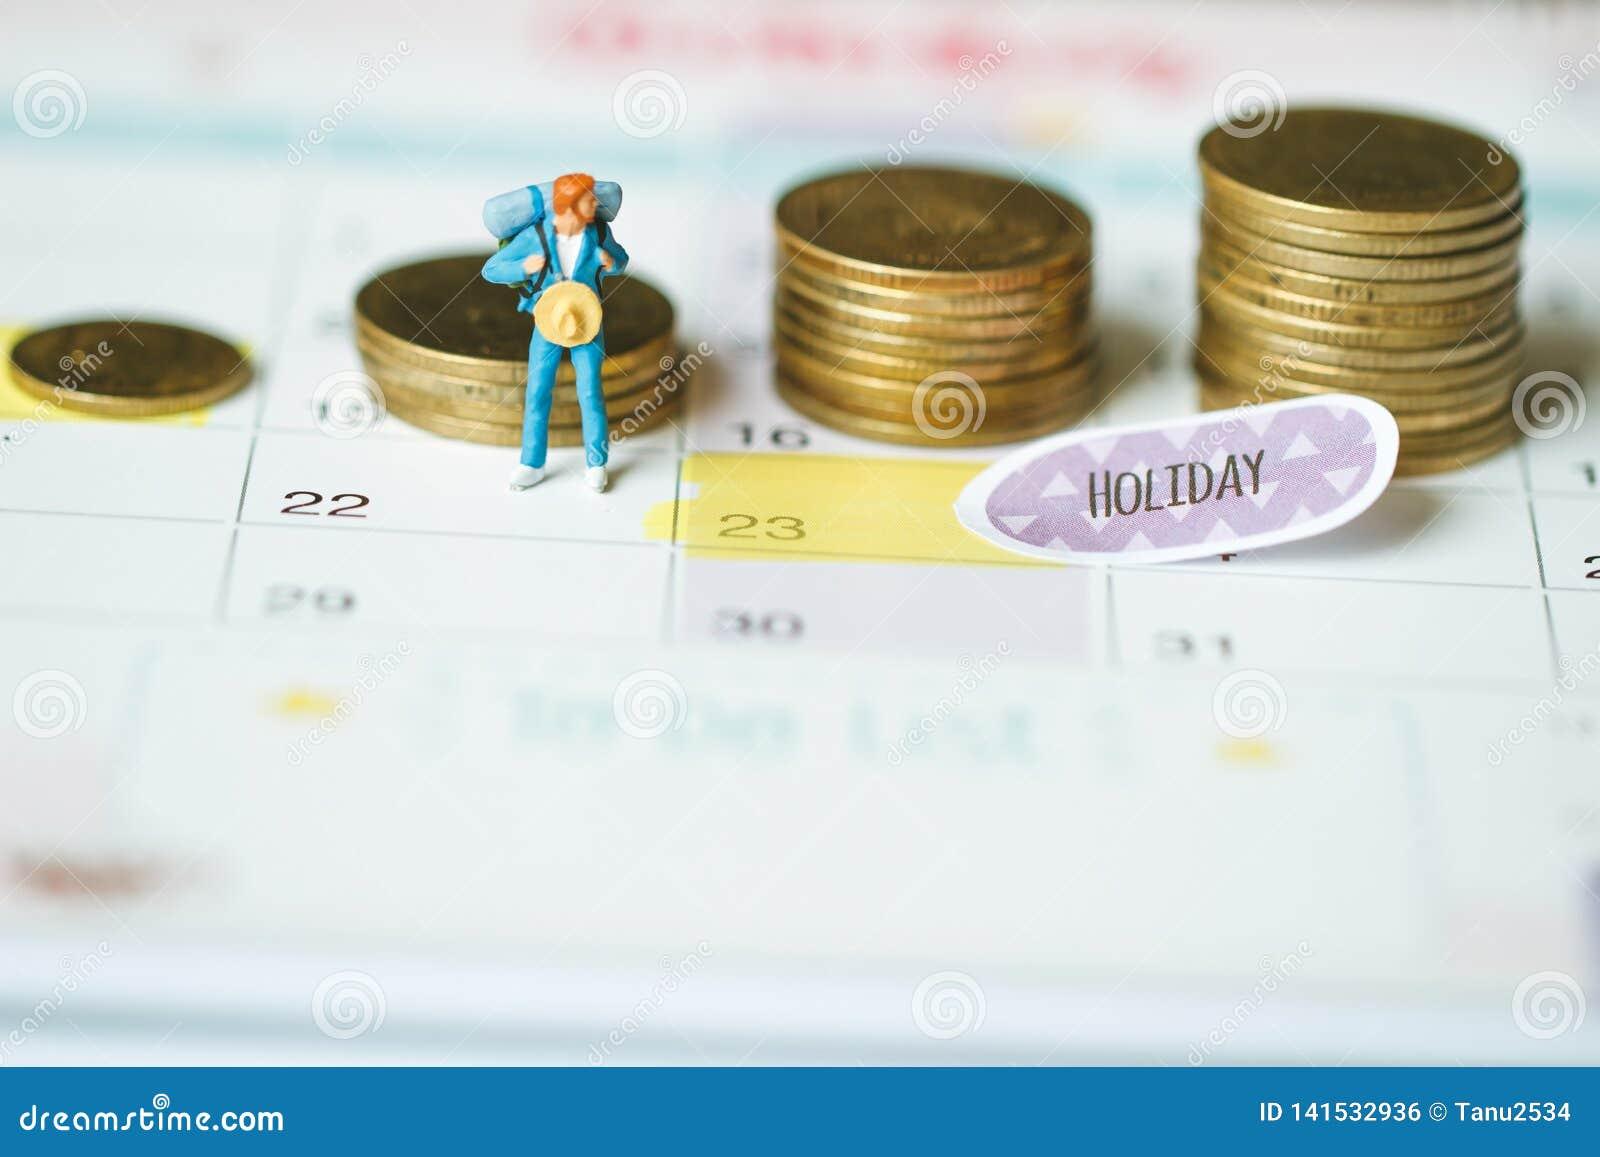 Dinheiro da economia para o conceito de viagem Conceito das economias do dinheiro dos feriados moeda e feriado